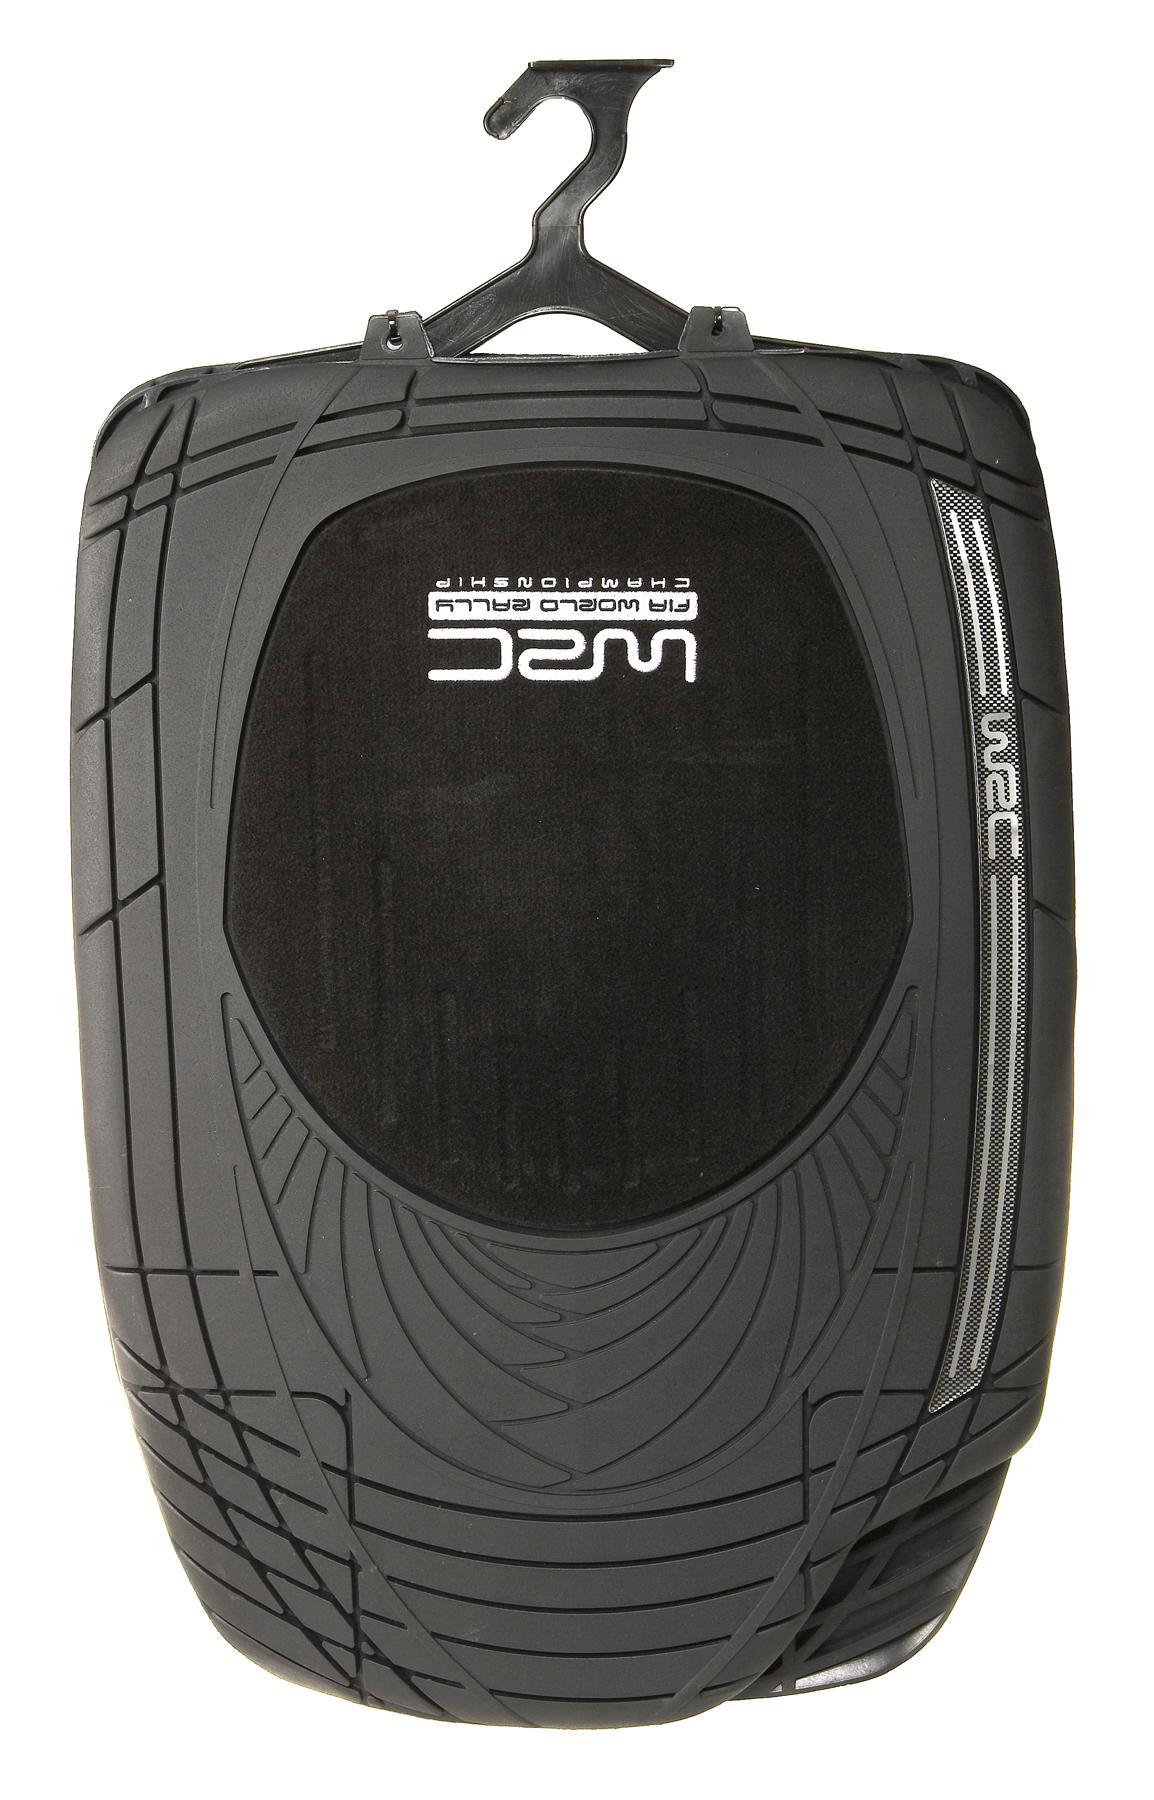 007435 Vloermatset WRC - Voordelige producten van merken.